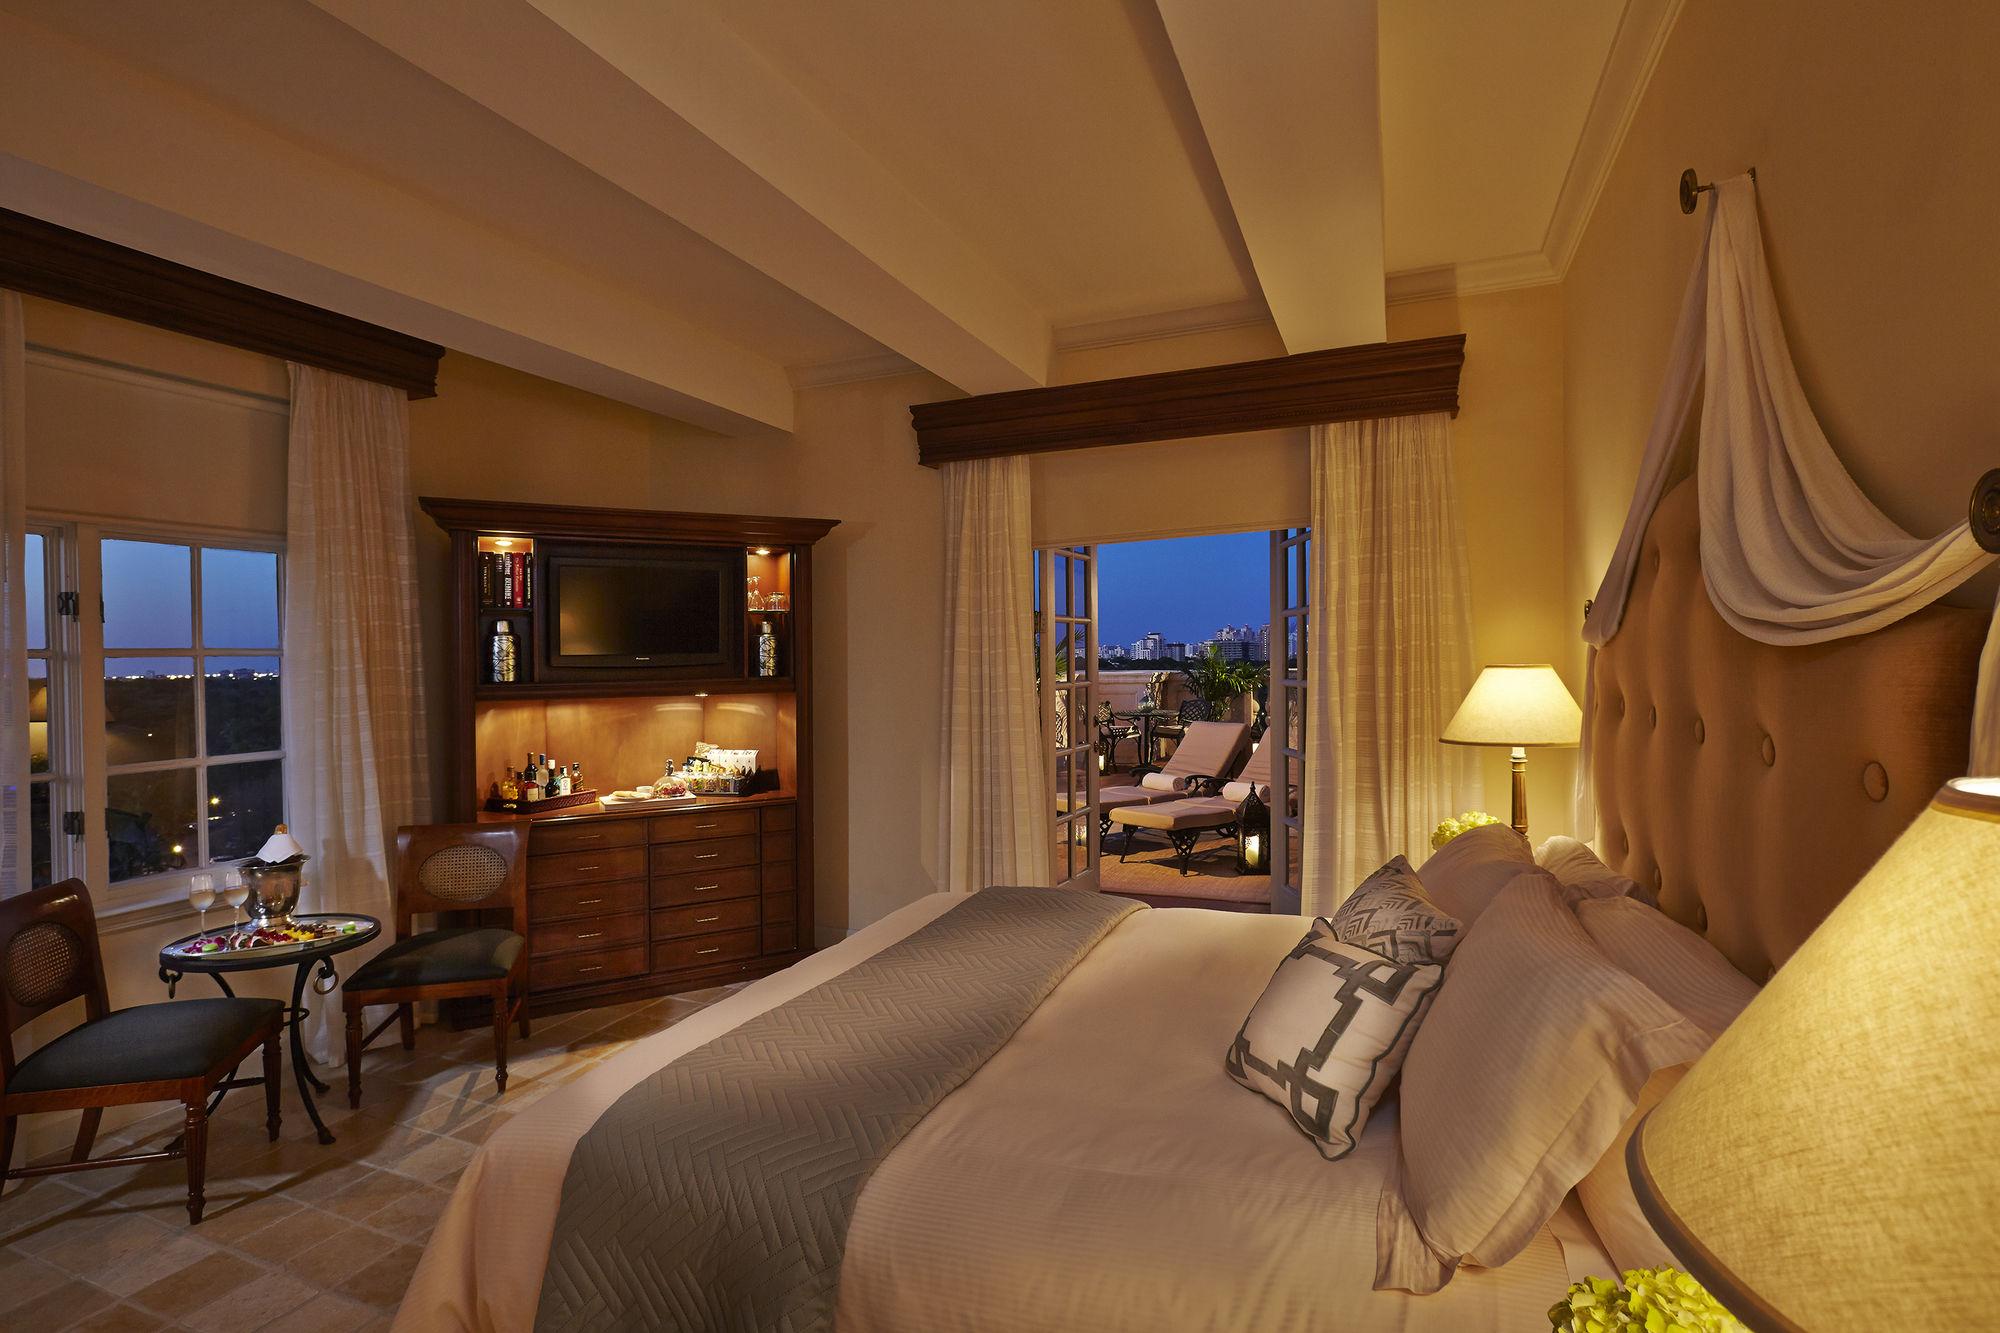 Biltmore Hotel - Miami - Coral Gables in Coral Gables, FL